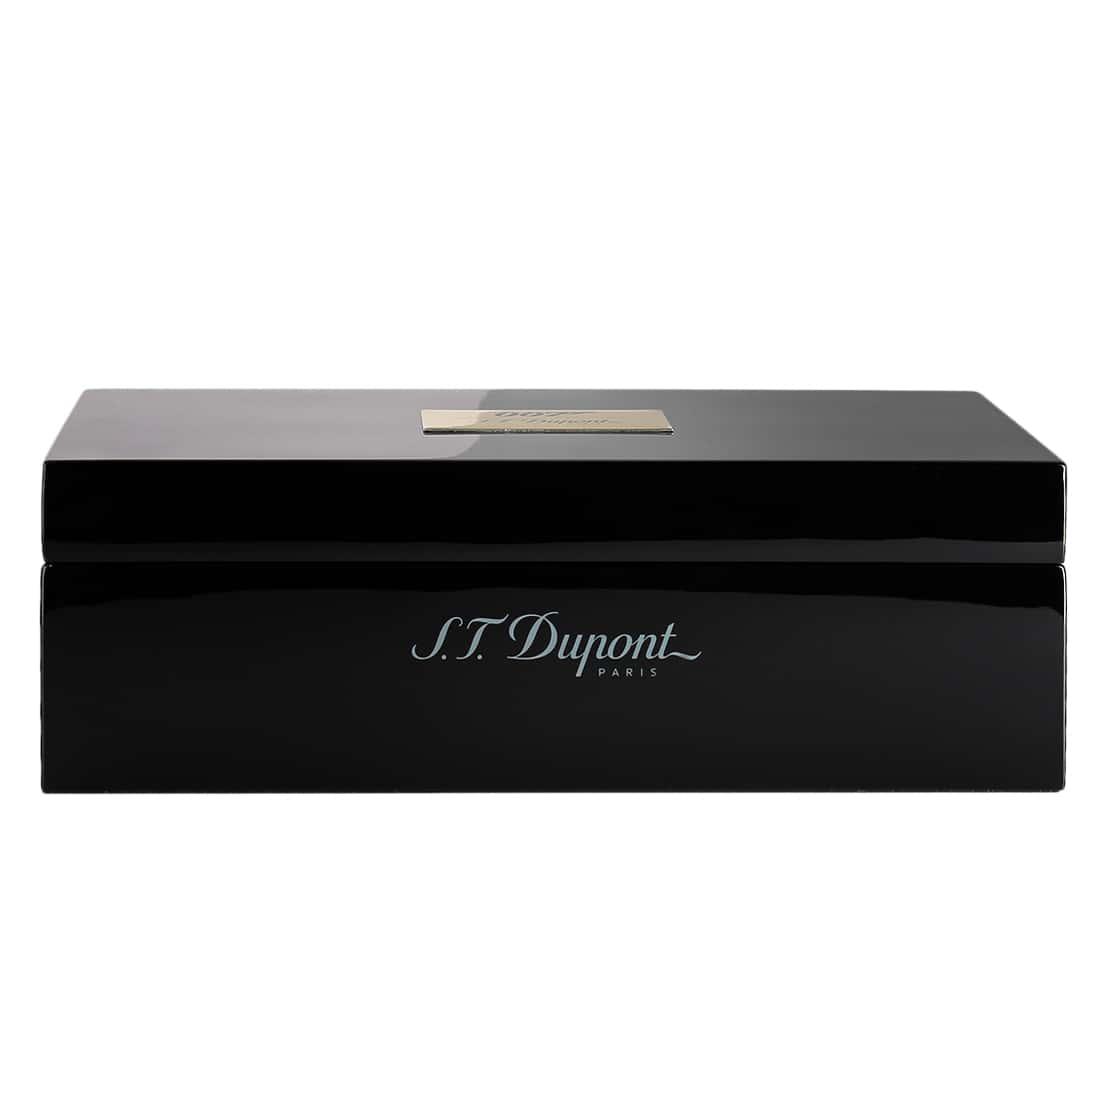 Photo #5 de Coffret Collector Briquet S.T. Dupont Ligne 2 James Bond Noir/Or